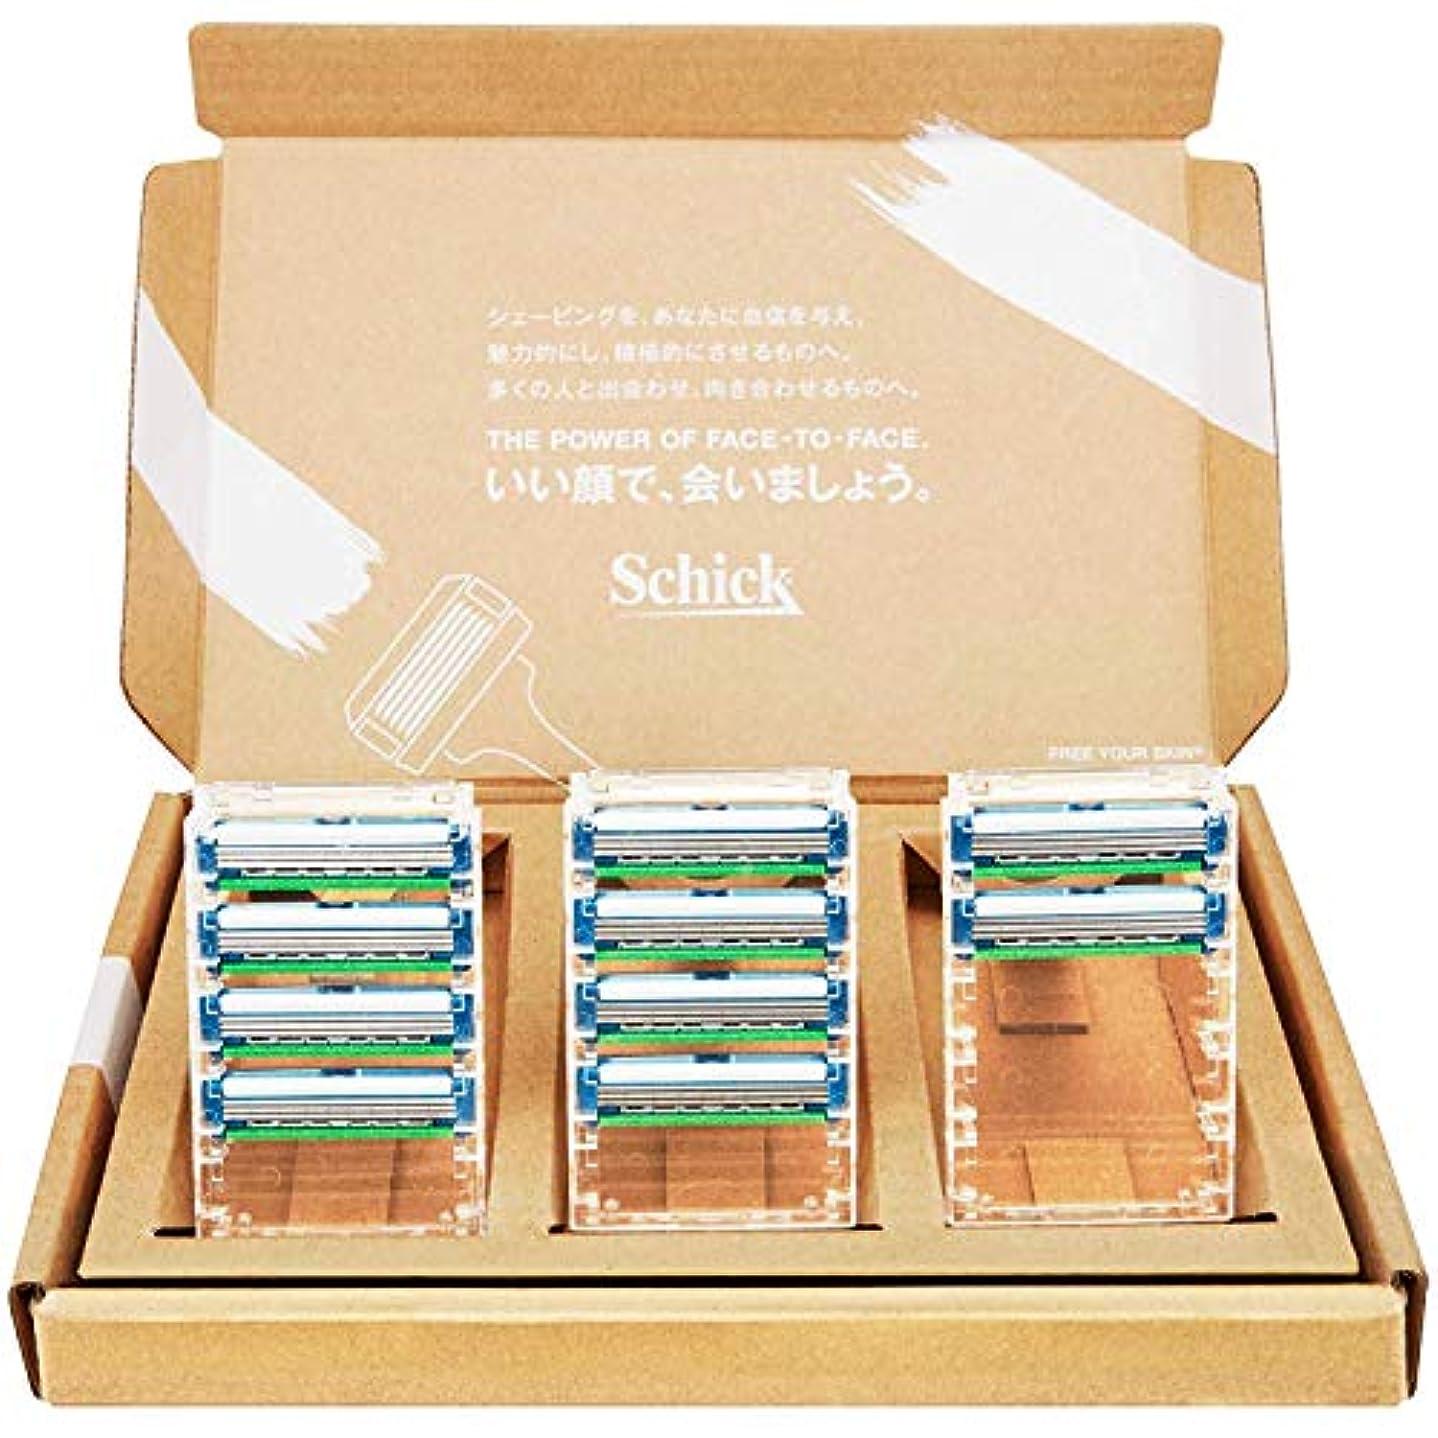 ネーピアかご定義する【Amazon.co.jp 限定】シック プロテクタースリー 替刃 10コ入